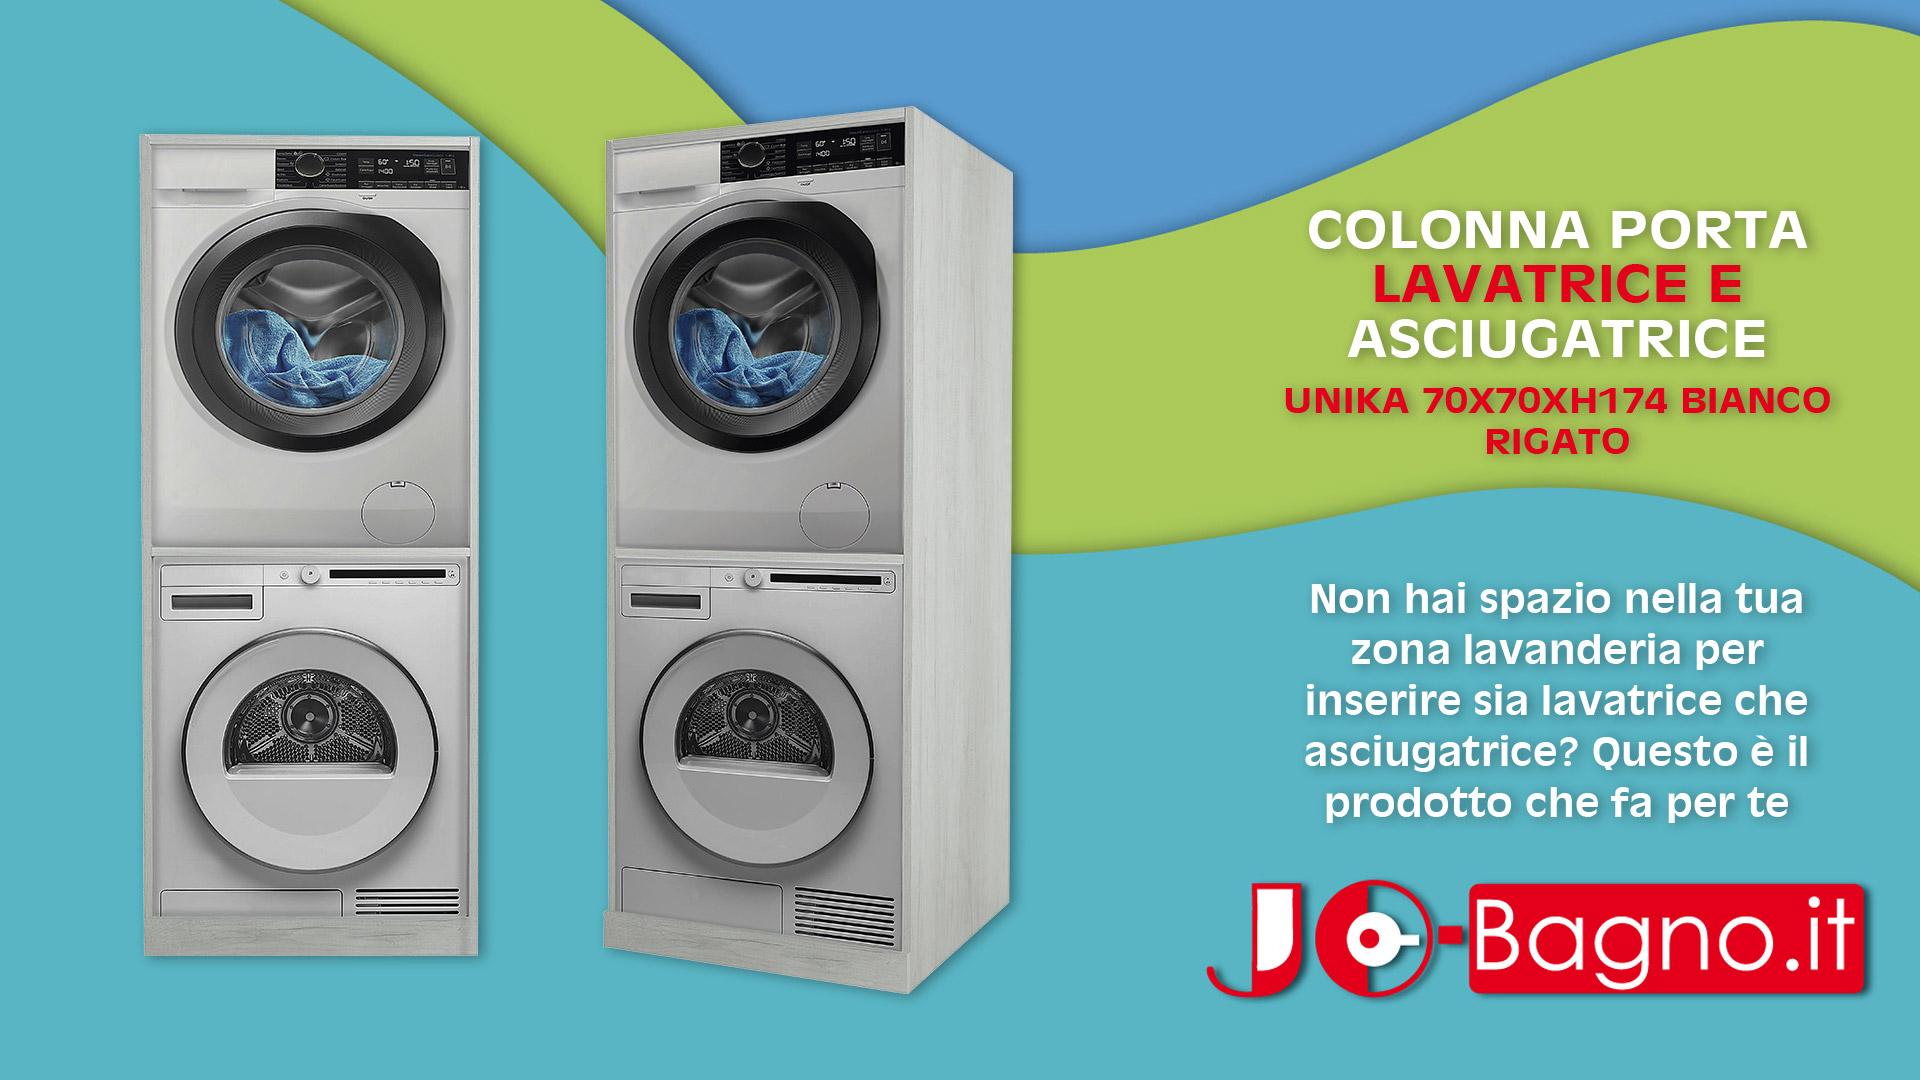 Mobile Per Asciugatrice Esterno colonna lavatrice-asciugatrice unika 70x70